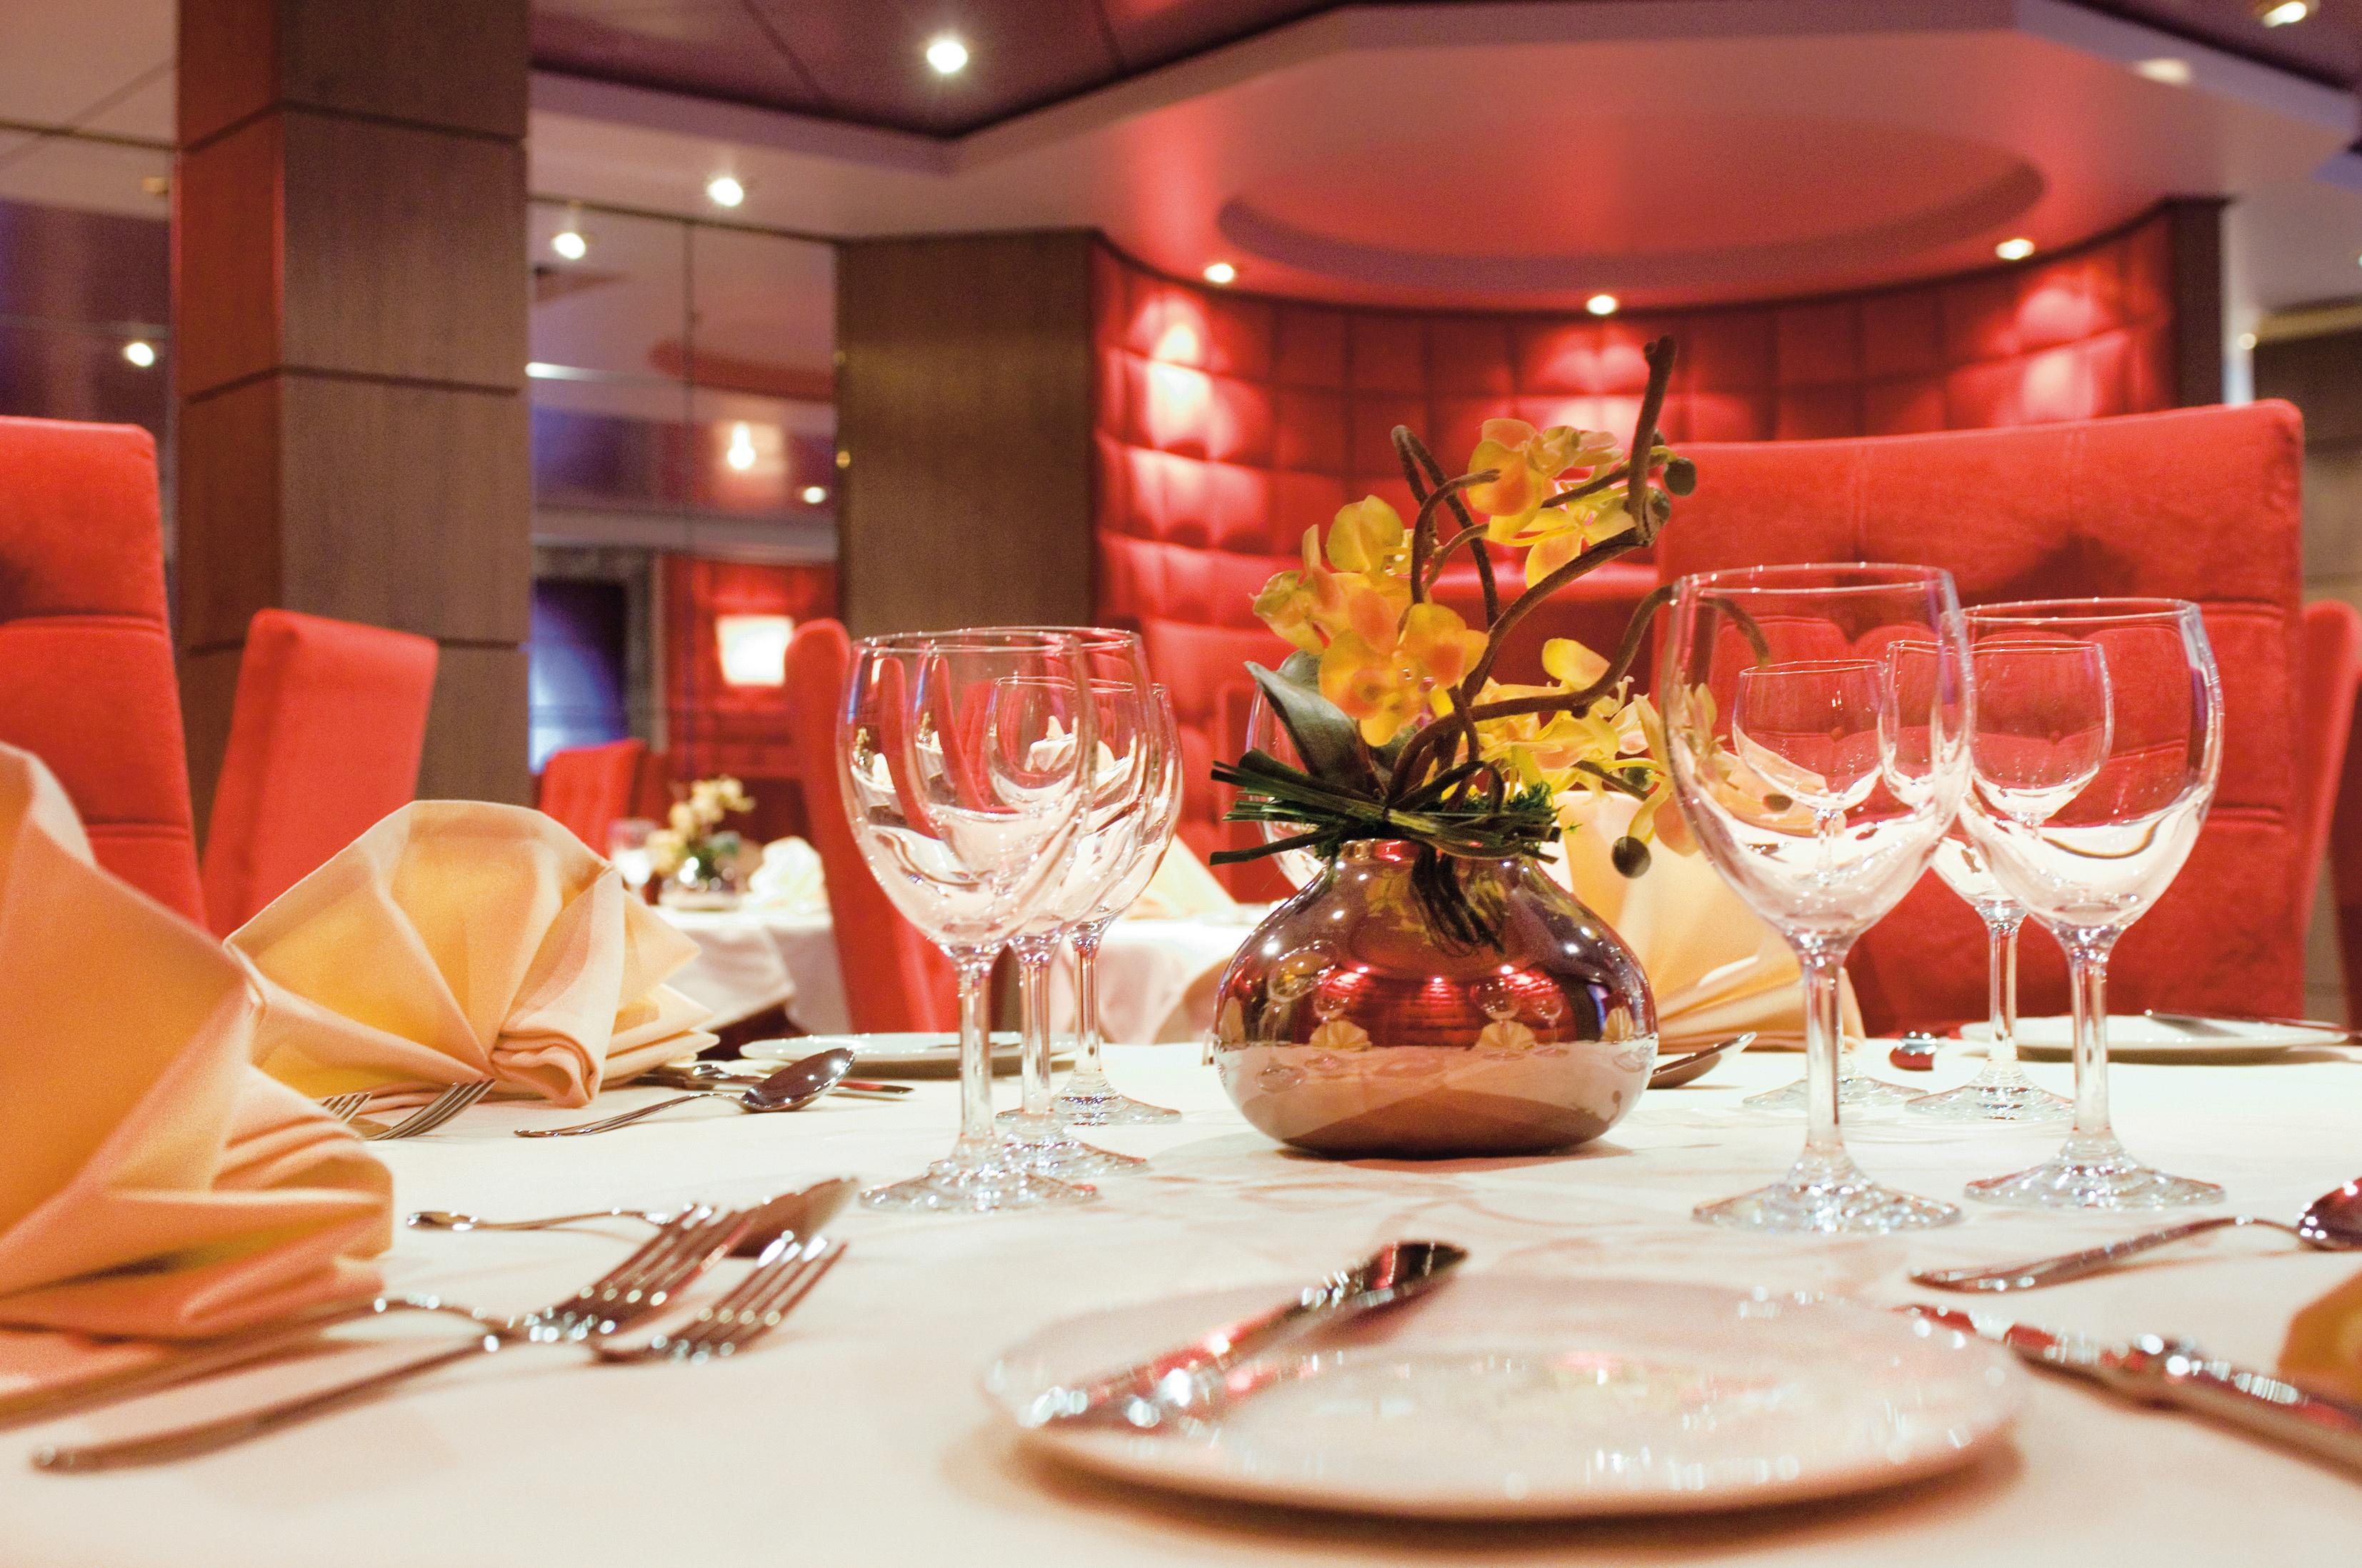 MSC Musica Class maxims restaurant 1.jpg